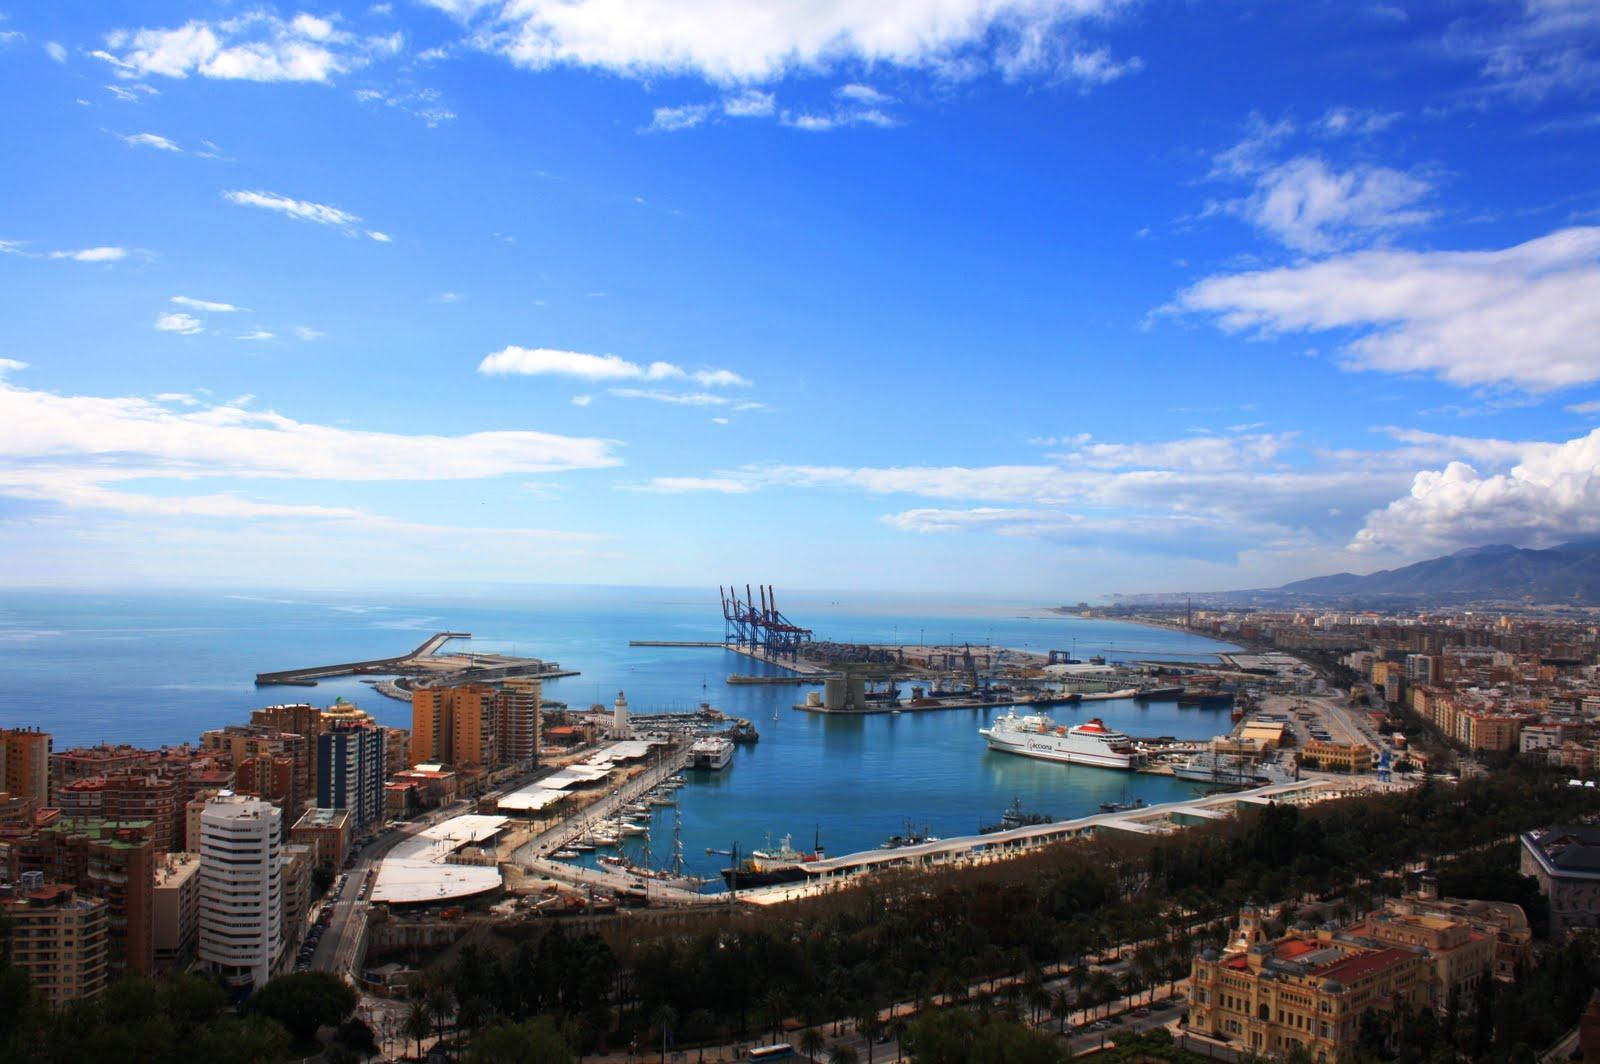 salidas de pesca en barco en Malaga, salidas de pesca desde embarcaciones, desde playa y espigon